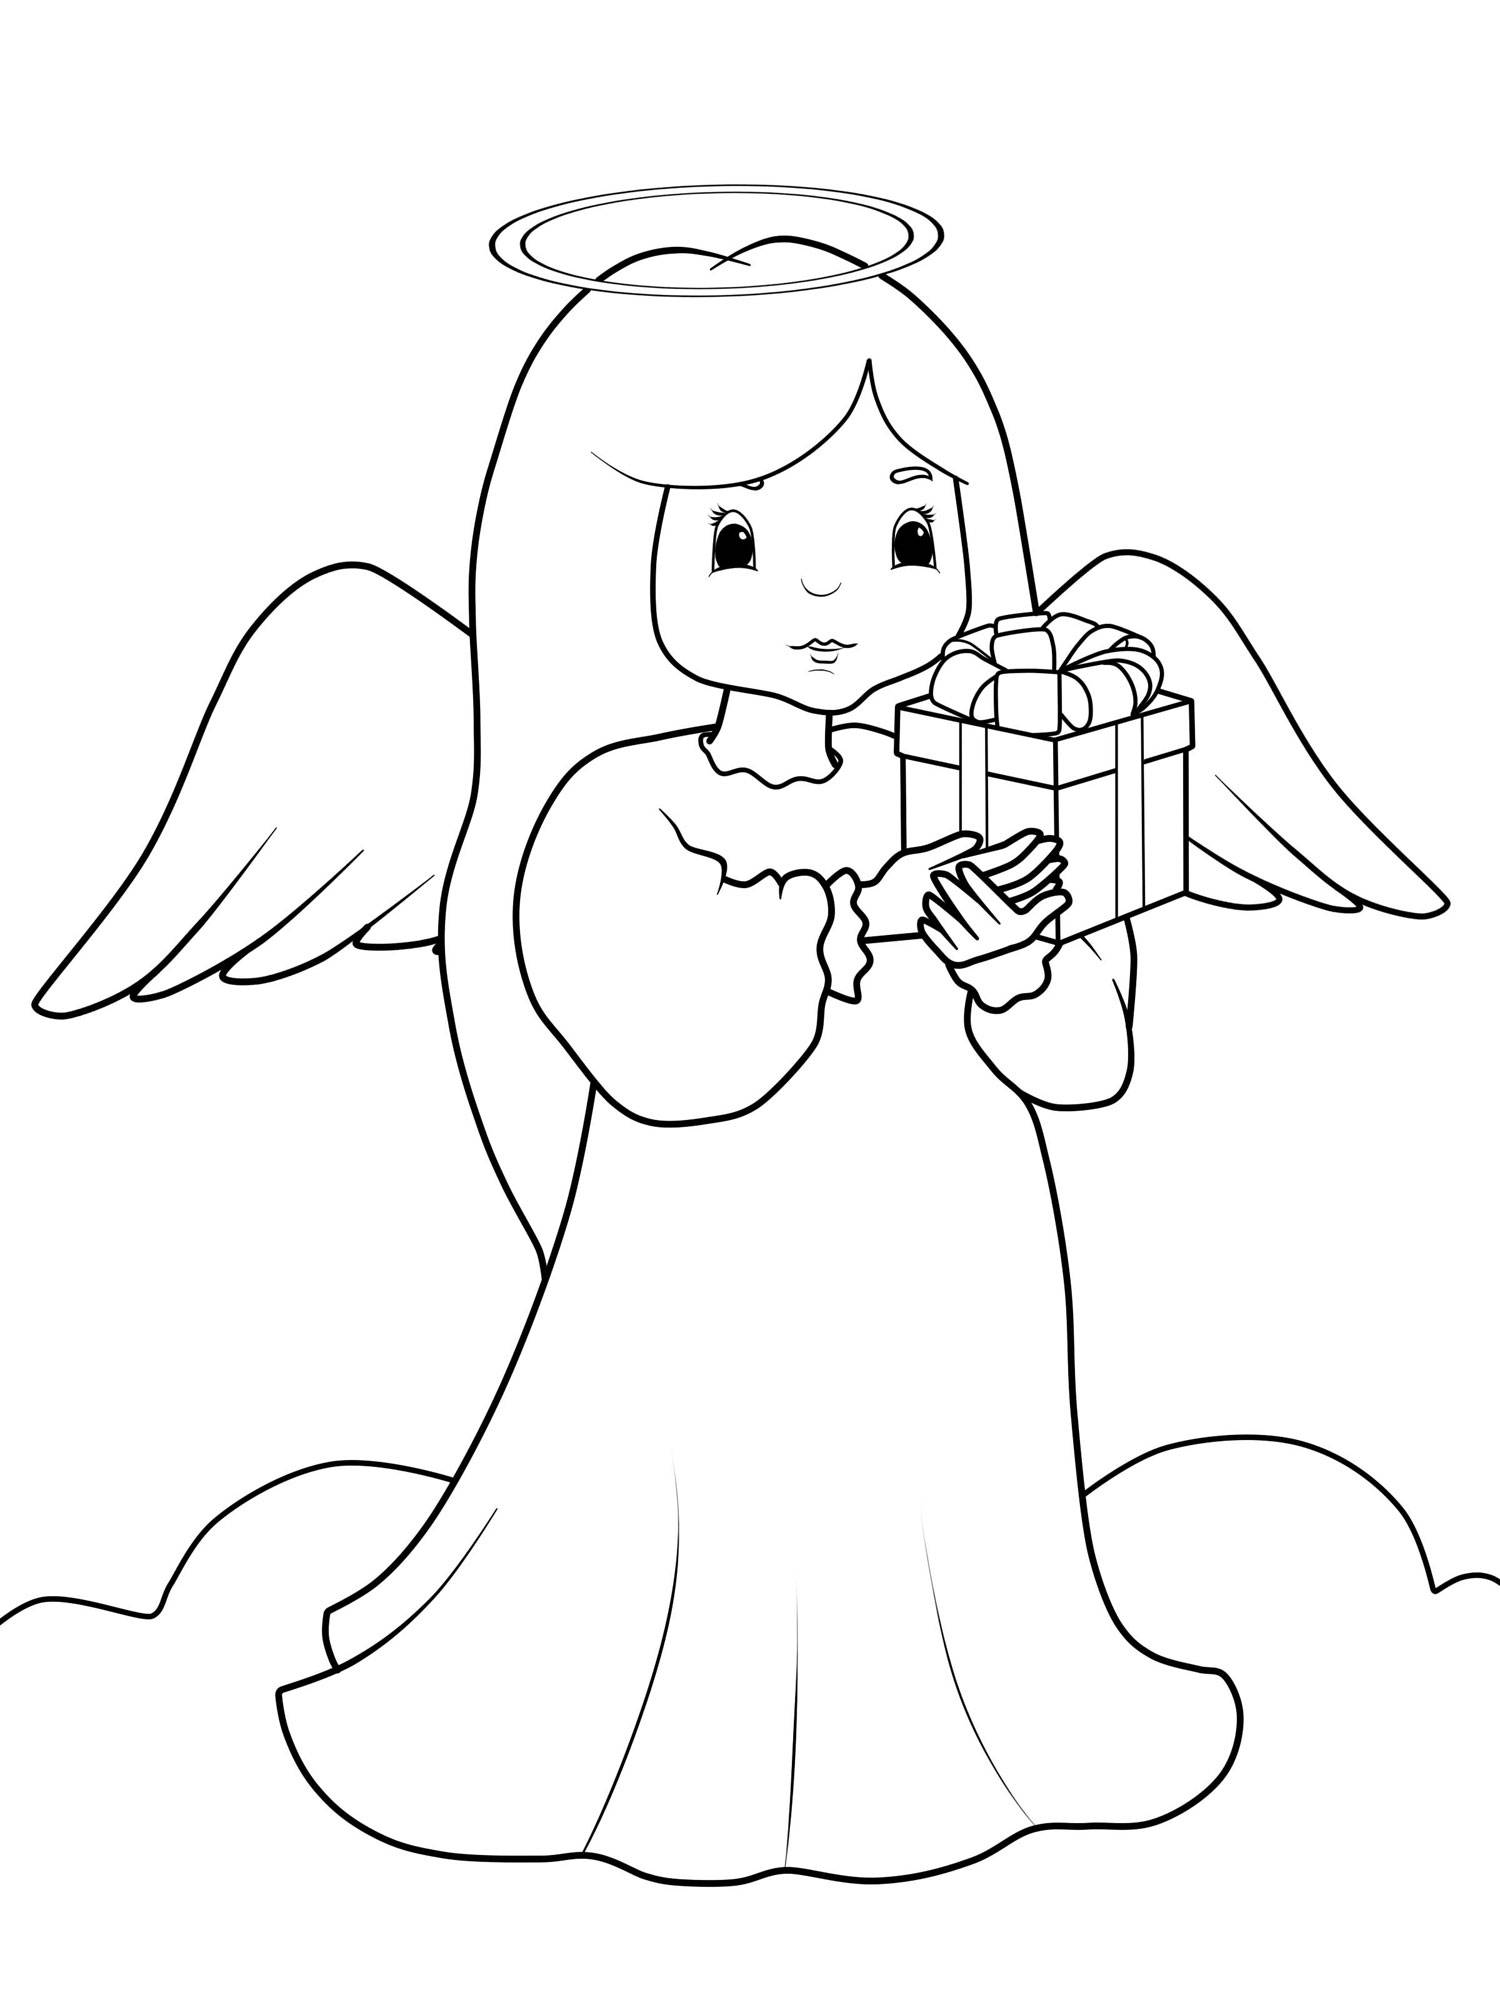 Kostenlose Malvorlage Weihnachtsengel: Engel mit Geschenk zum Ausmalen